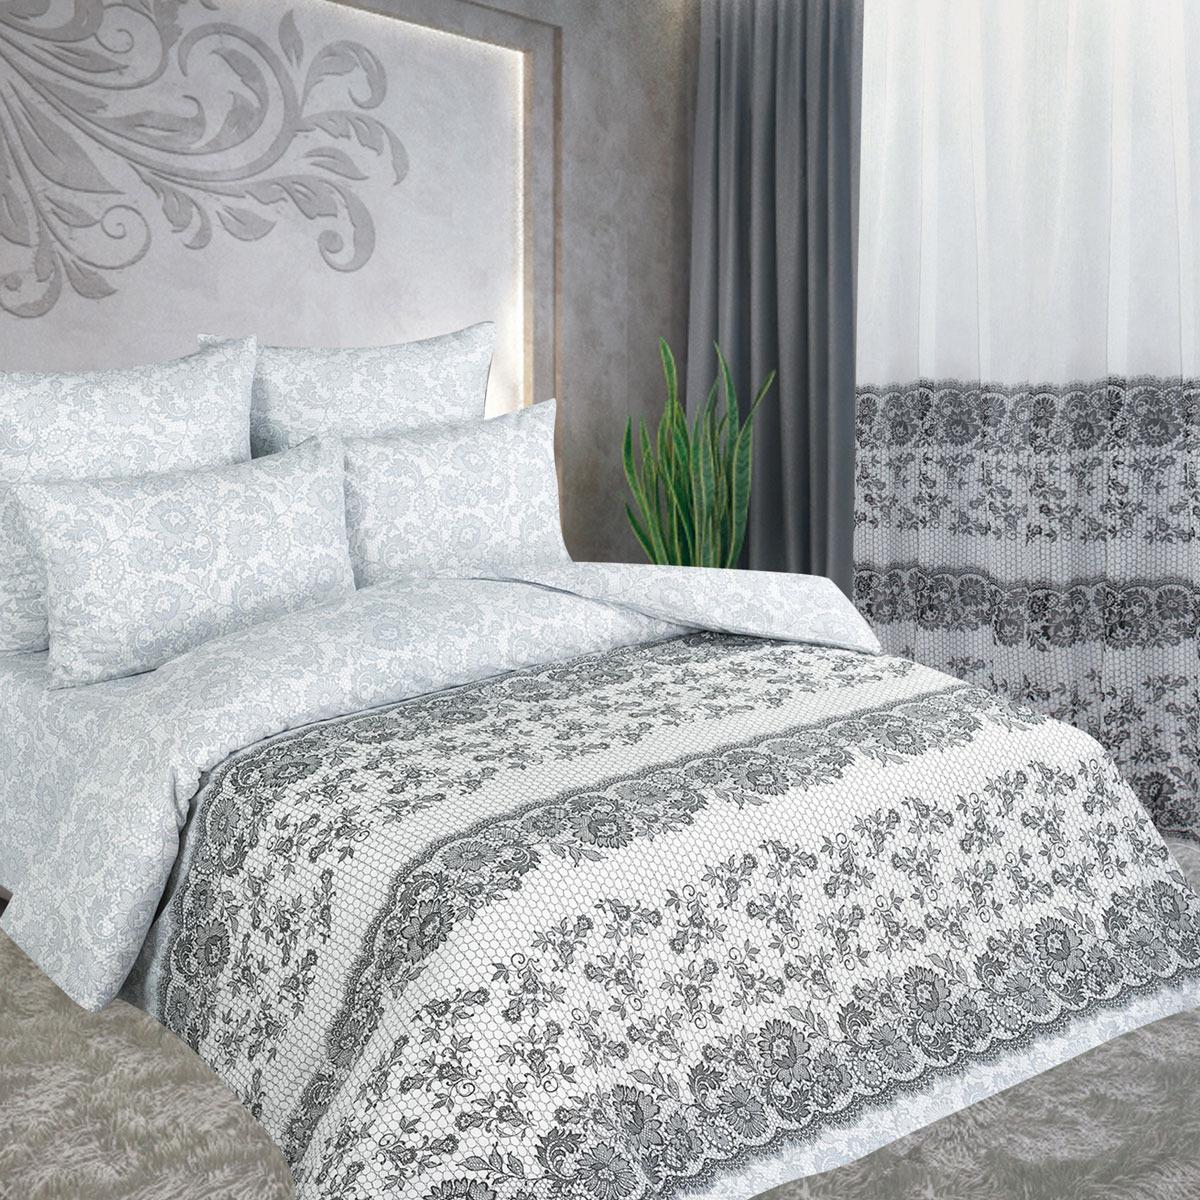 Комплект белья Amore Mio Нежность, евро, наволочки 70x70, цвет: кремовый, коричневый. 88543